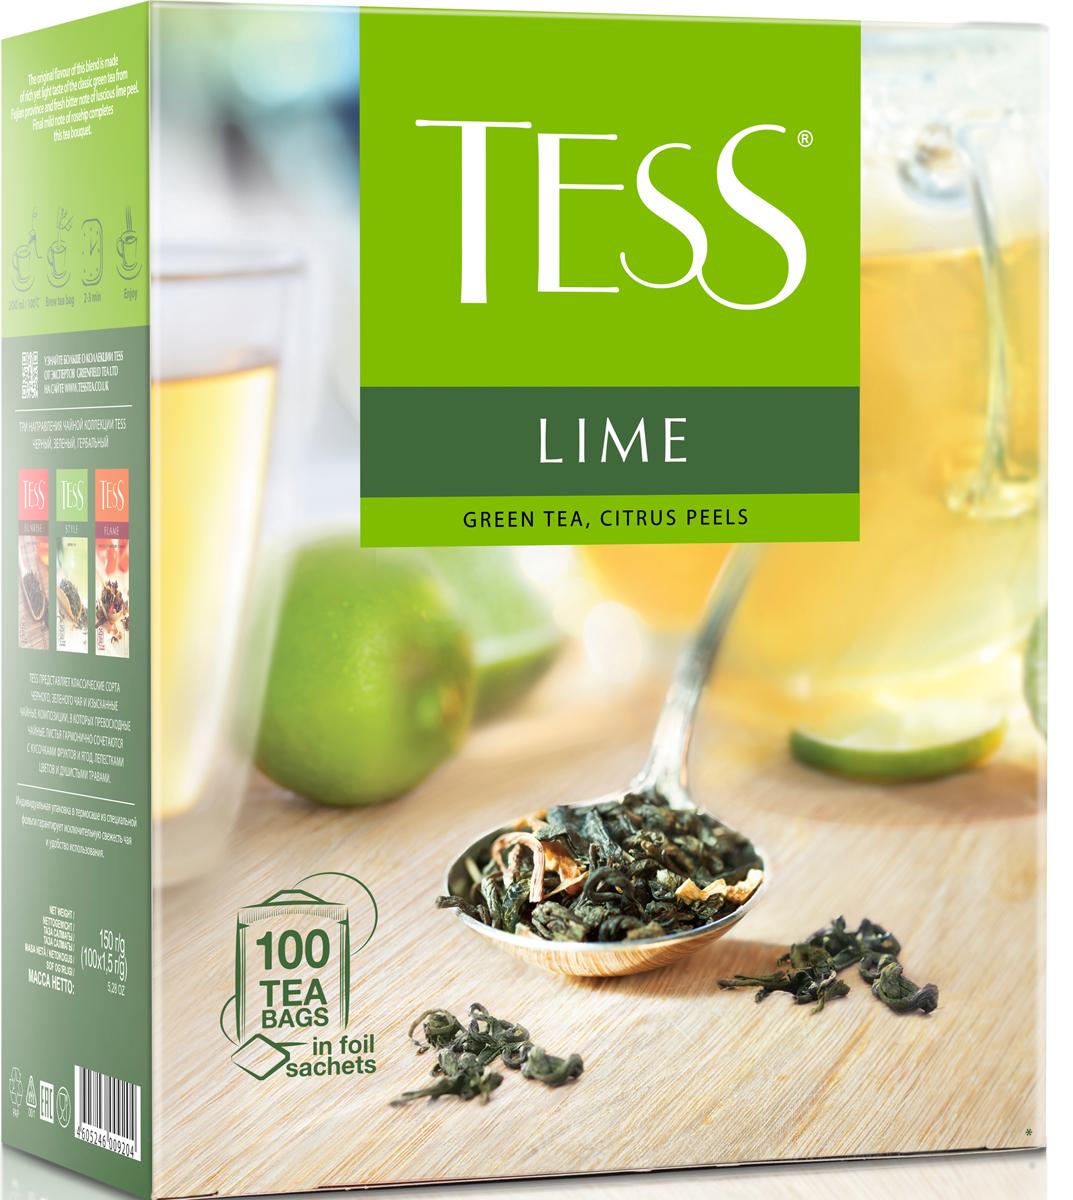 Tess Lime